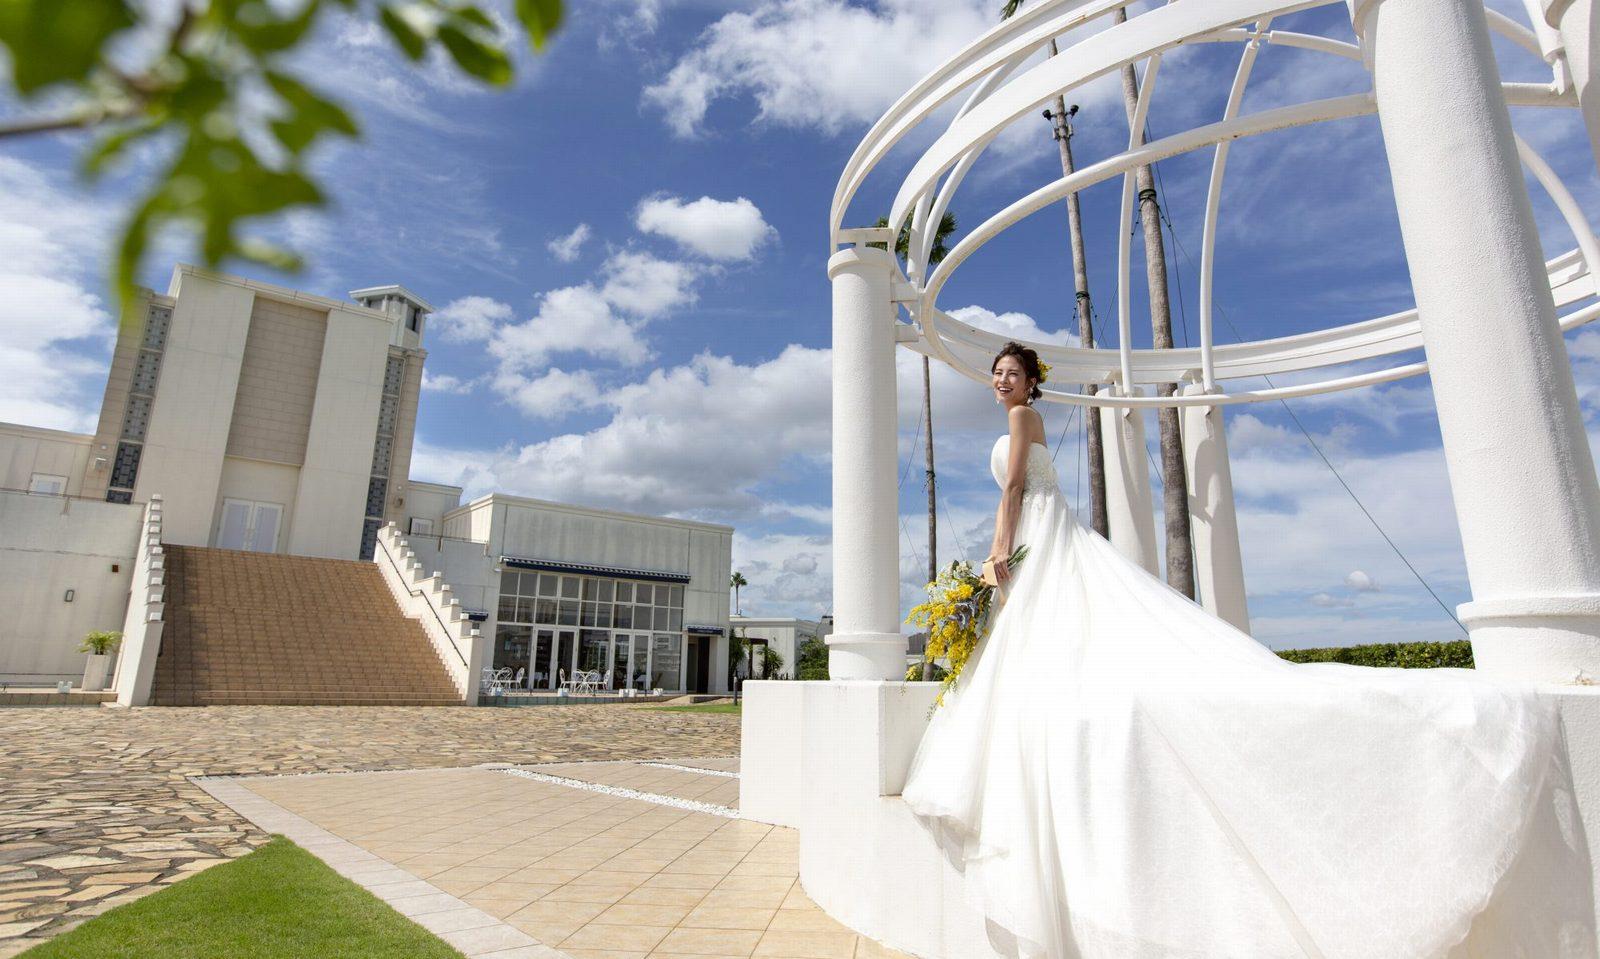 徳島県の結婚式場ブランアンジュの外観